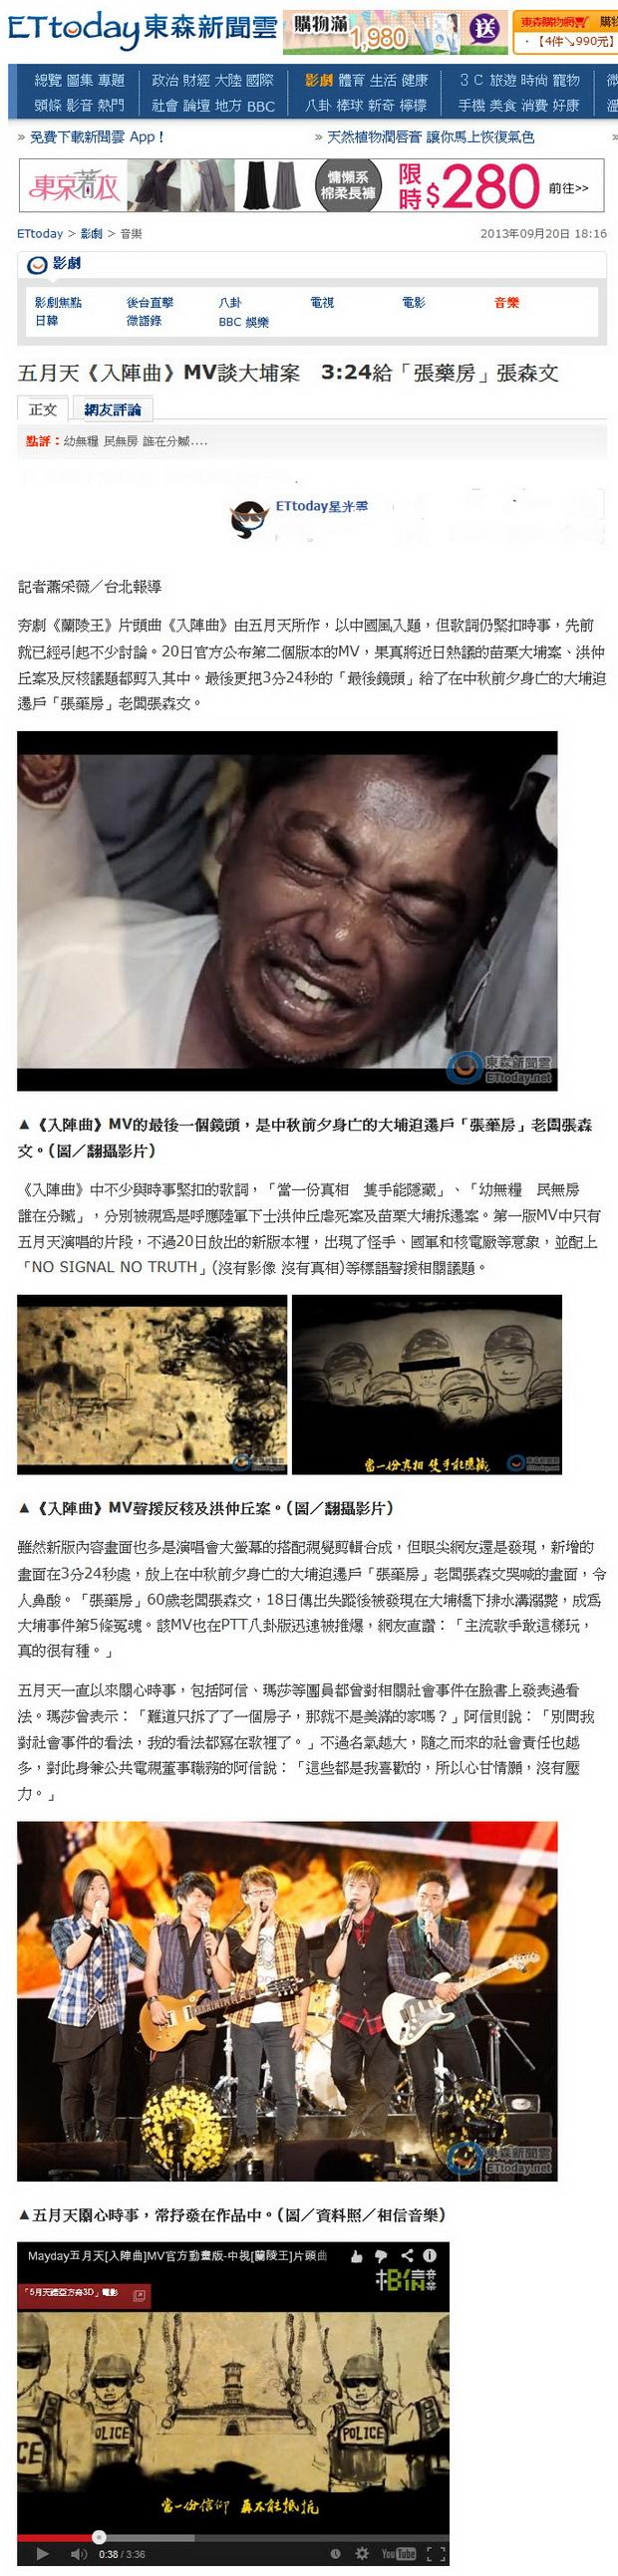 五月天《入陣曲》MV談大埔案 3:24給「張藥房」張森文-2013.09.20-01.jpg